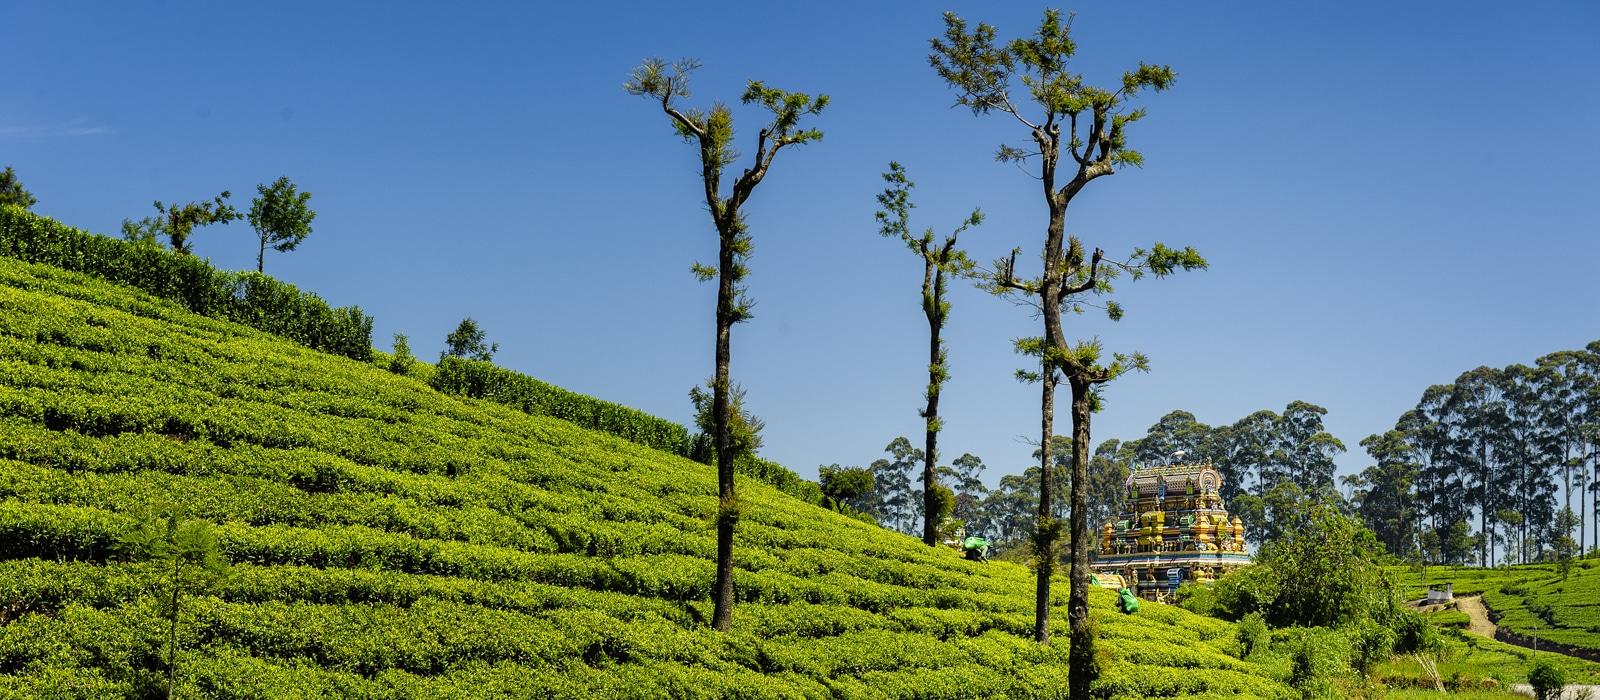 img-diapo-entete - Sri-Lanka-1600x700-7.jpg